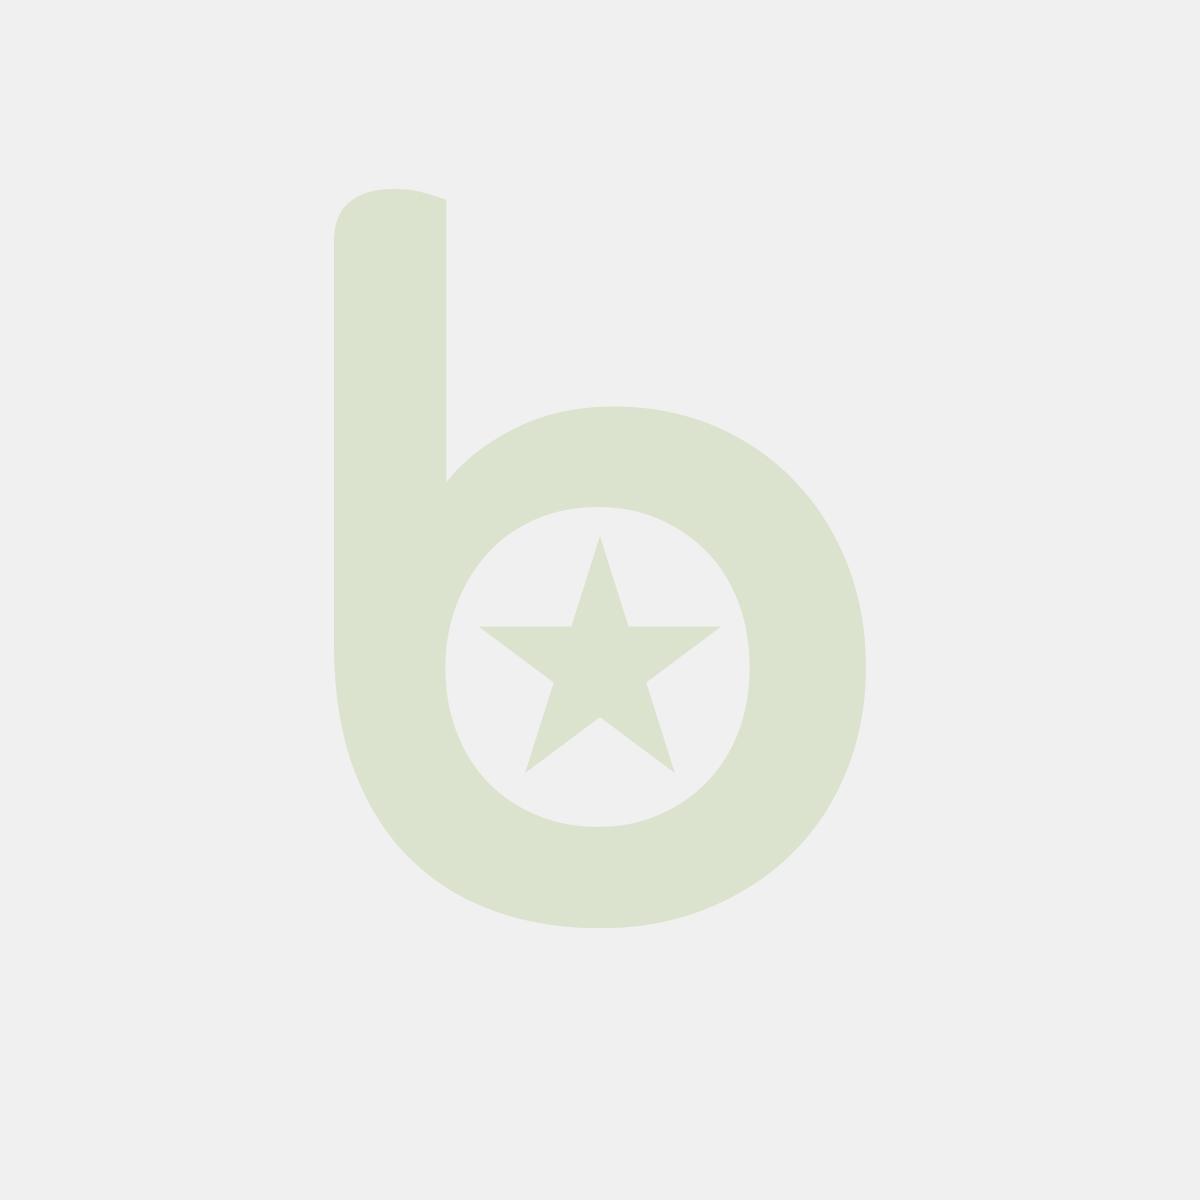 Miseczka Ramekin 58x58x(H)27 kremowy kod 565643